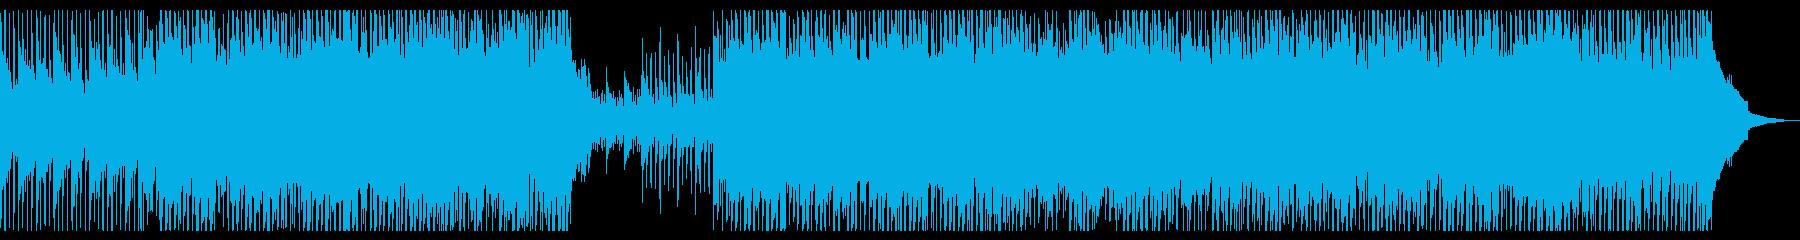 元気なバイオリンコーポレート・企業VPの再生済みの波形